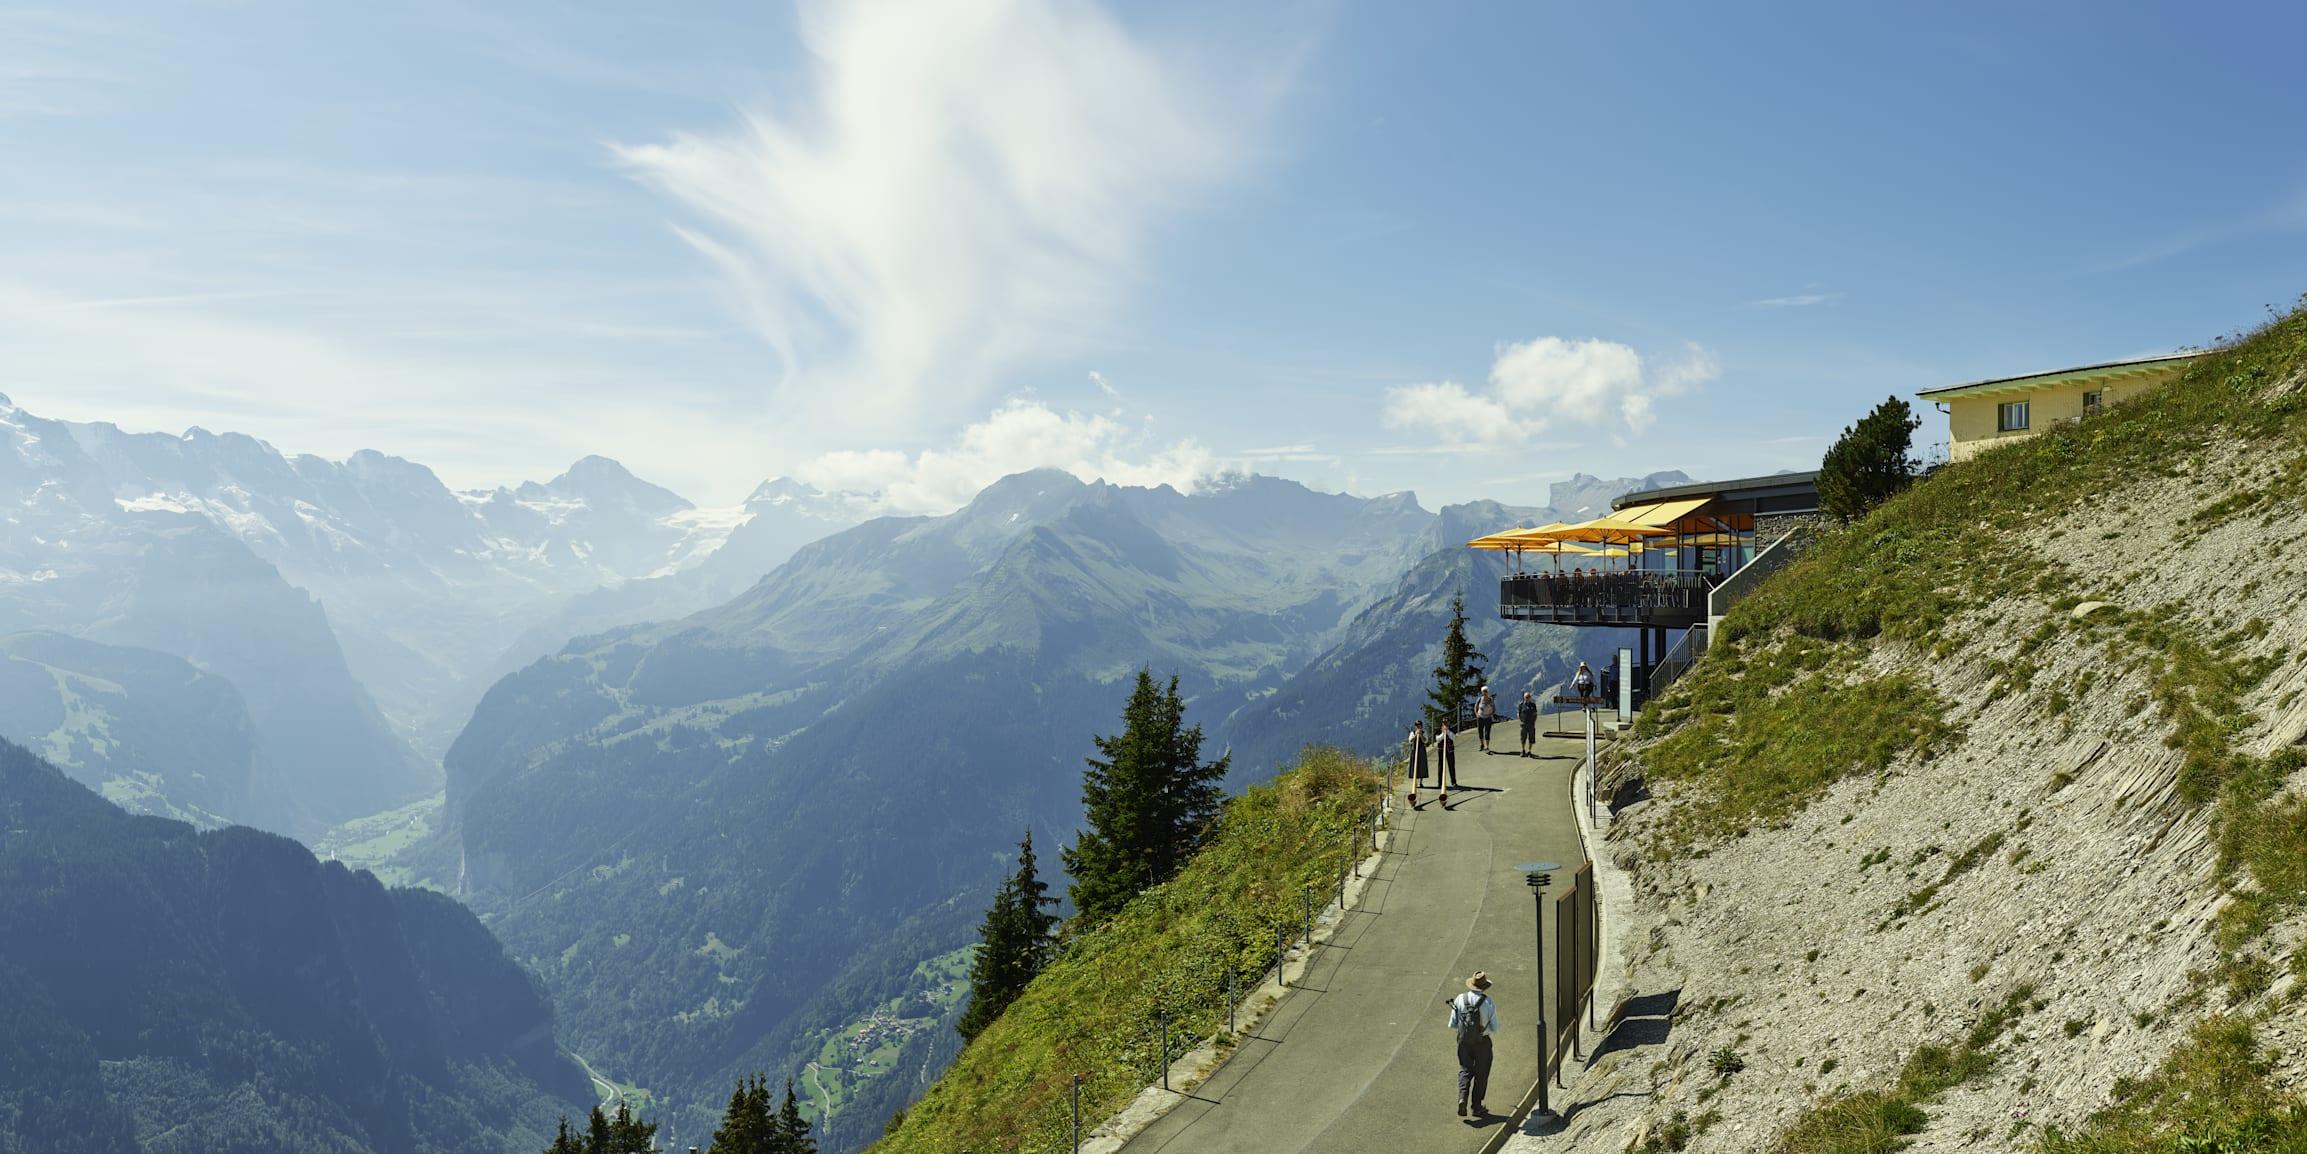 Schynige Platte Panorama Eiger Jungfrau Maennlichen Restaurant Terrasse Sommer